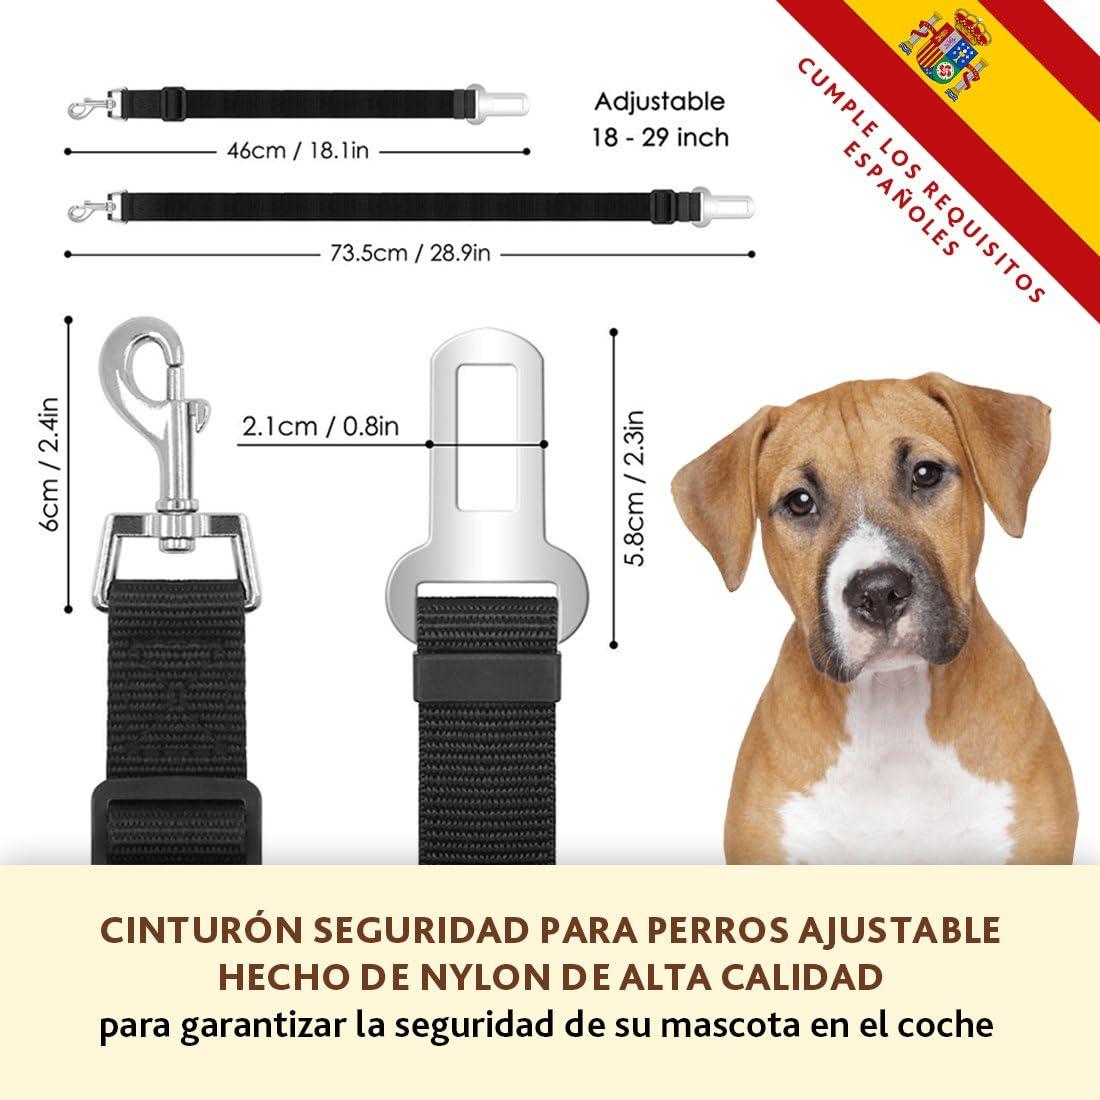 HappyPets Cinturón Perro Coche 3 unidades - Cinturón De Seguridad ...